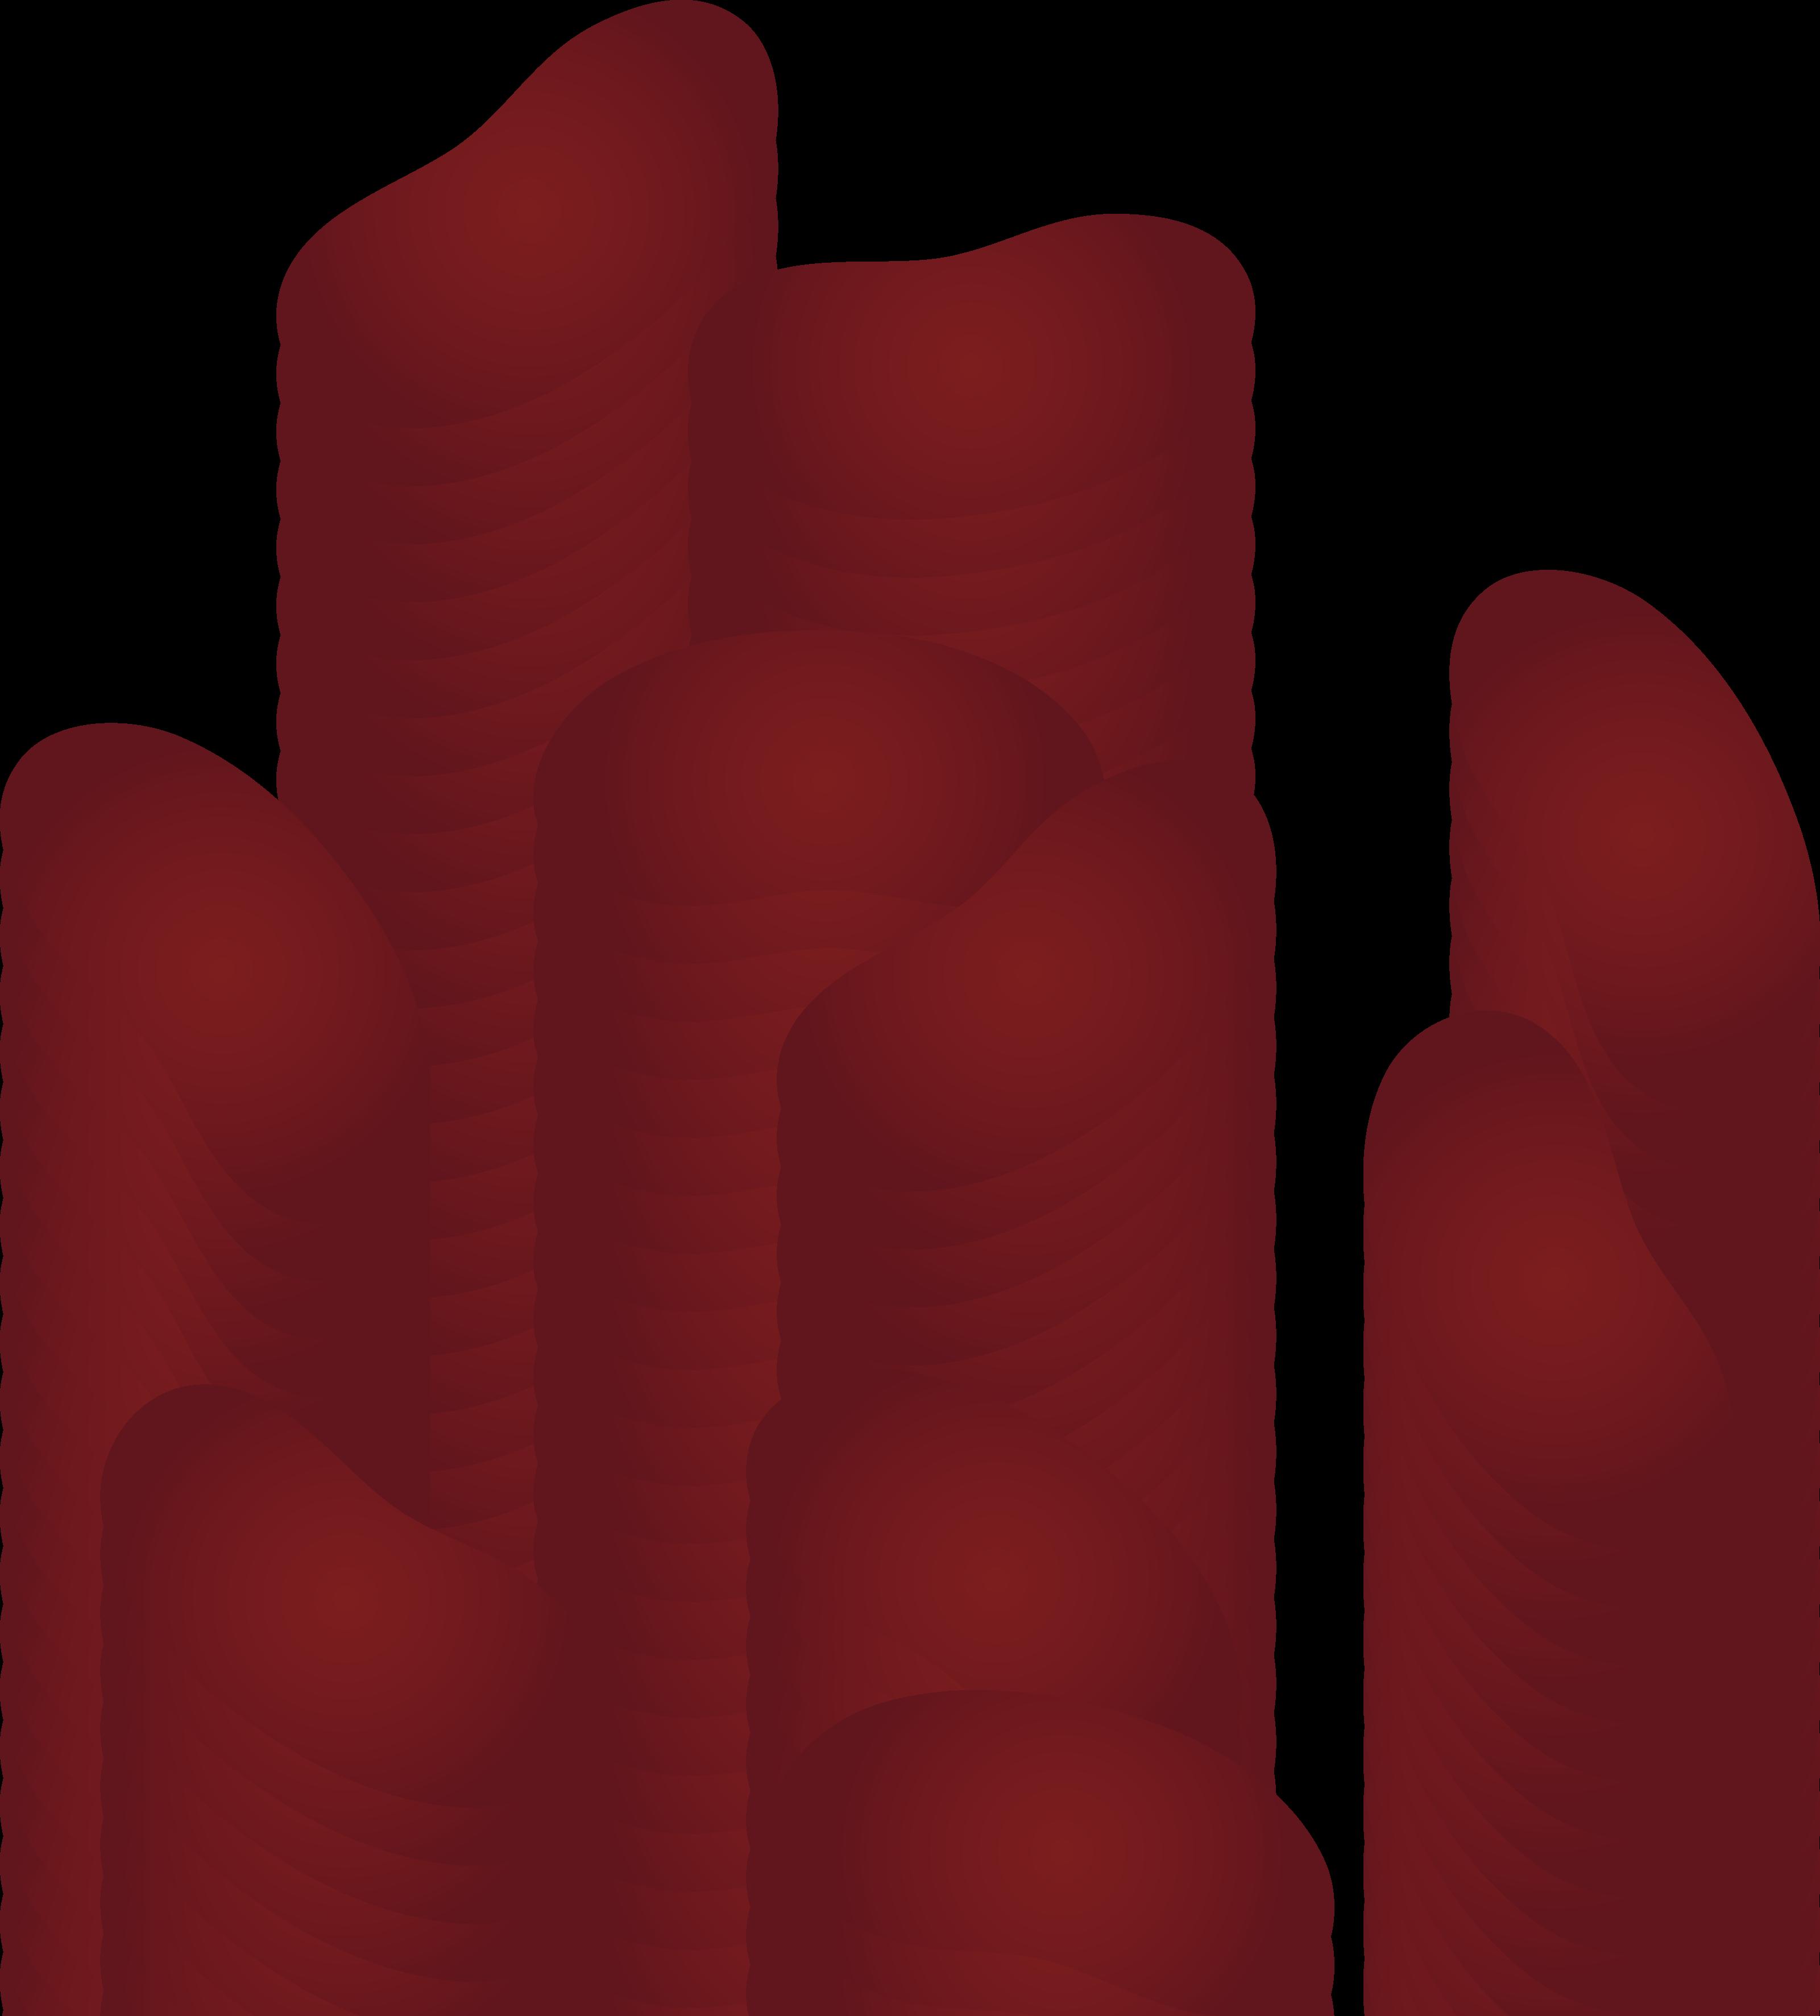 Kidney beans clipart jpg black and white Scattered Kidney Beans - Free Clip Art jpg black and white